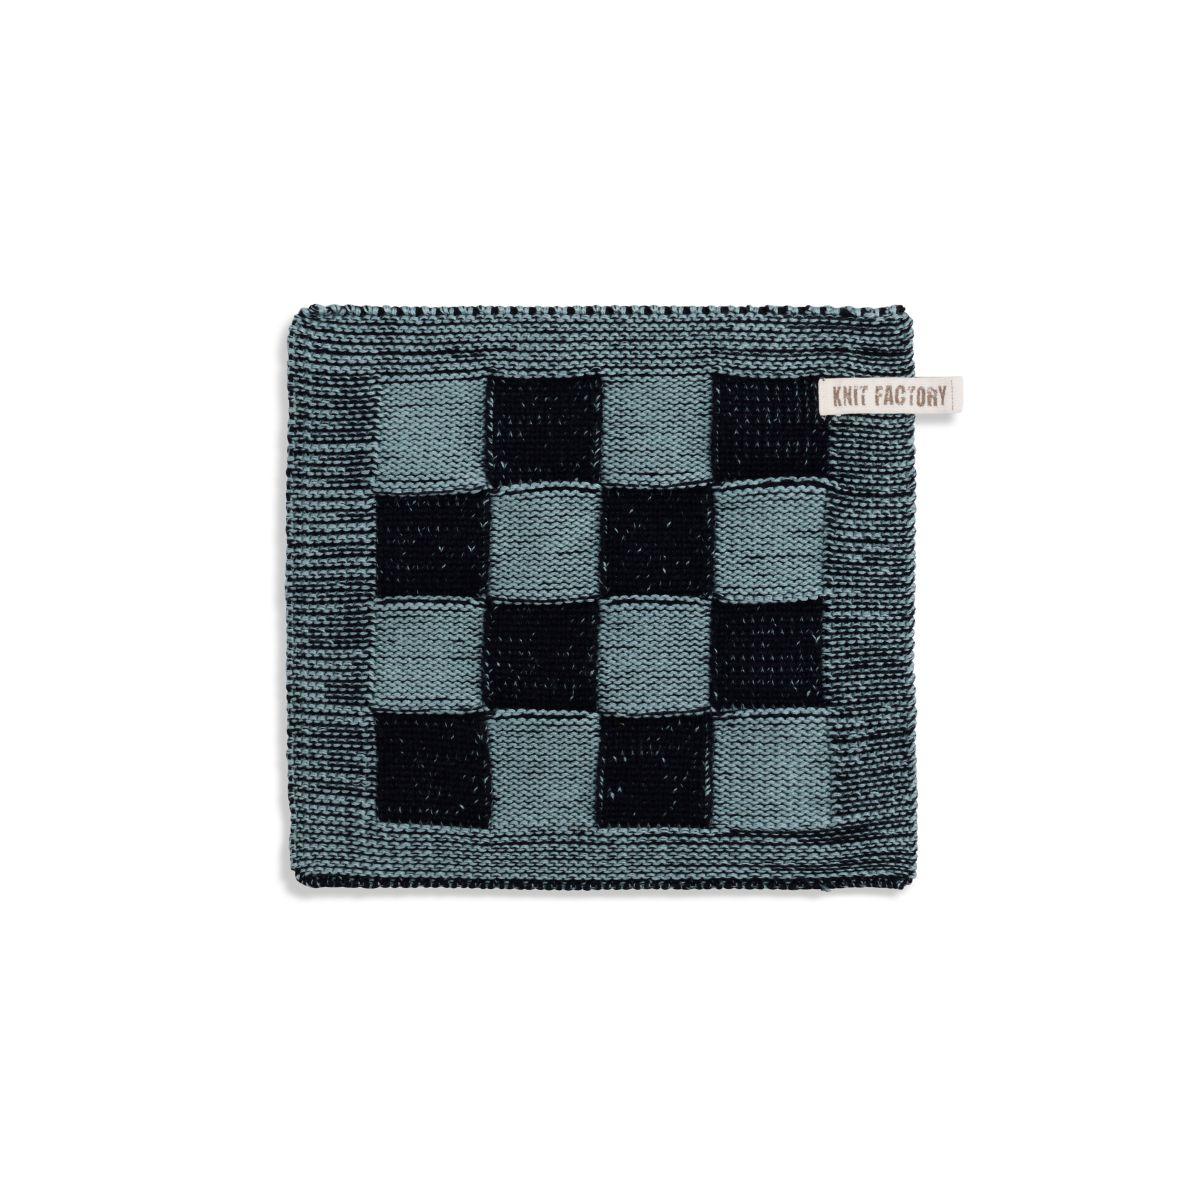 knit factory 2010340 pannenlap grote blok 2 kleuren zwart stone green